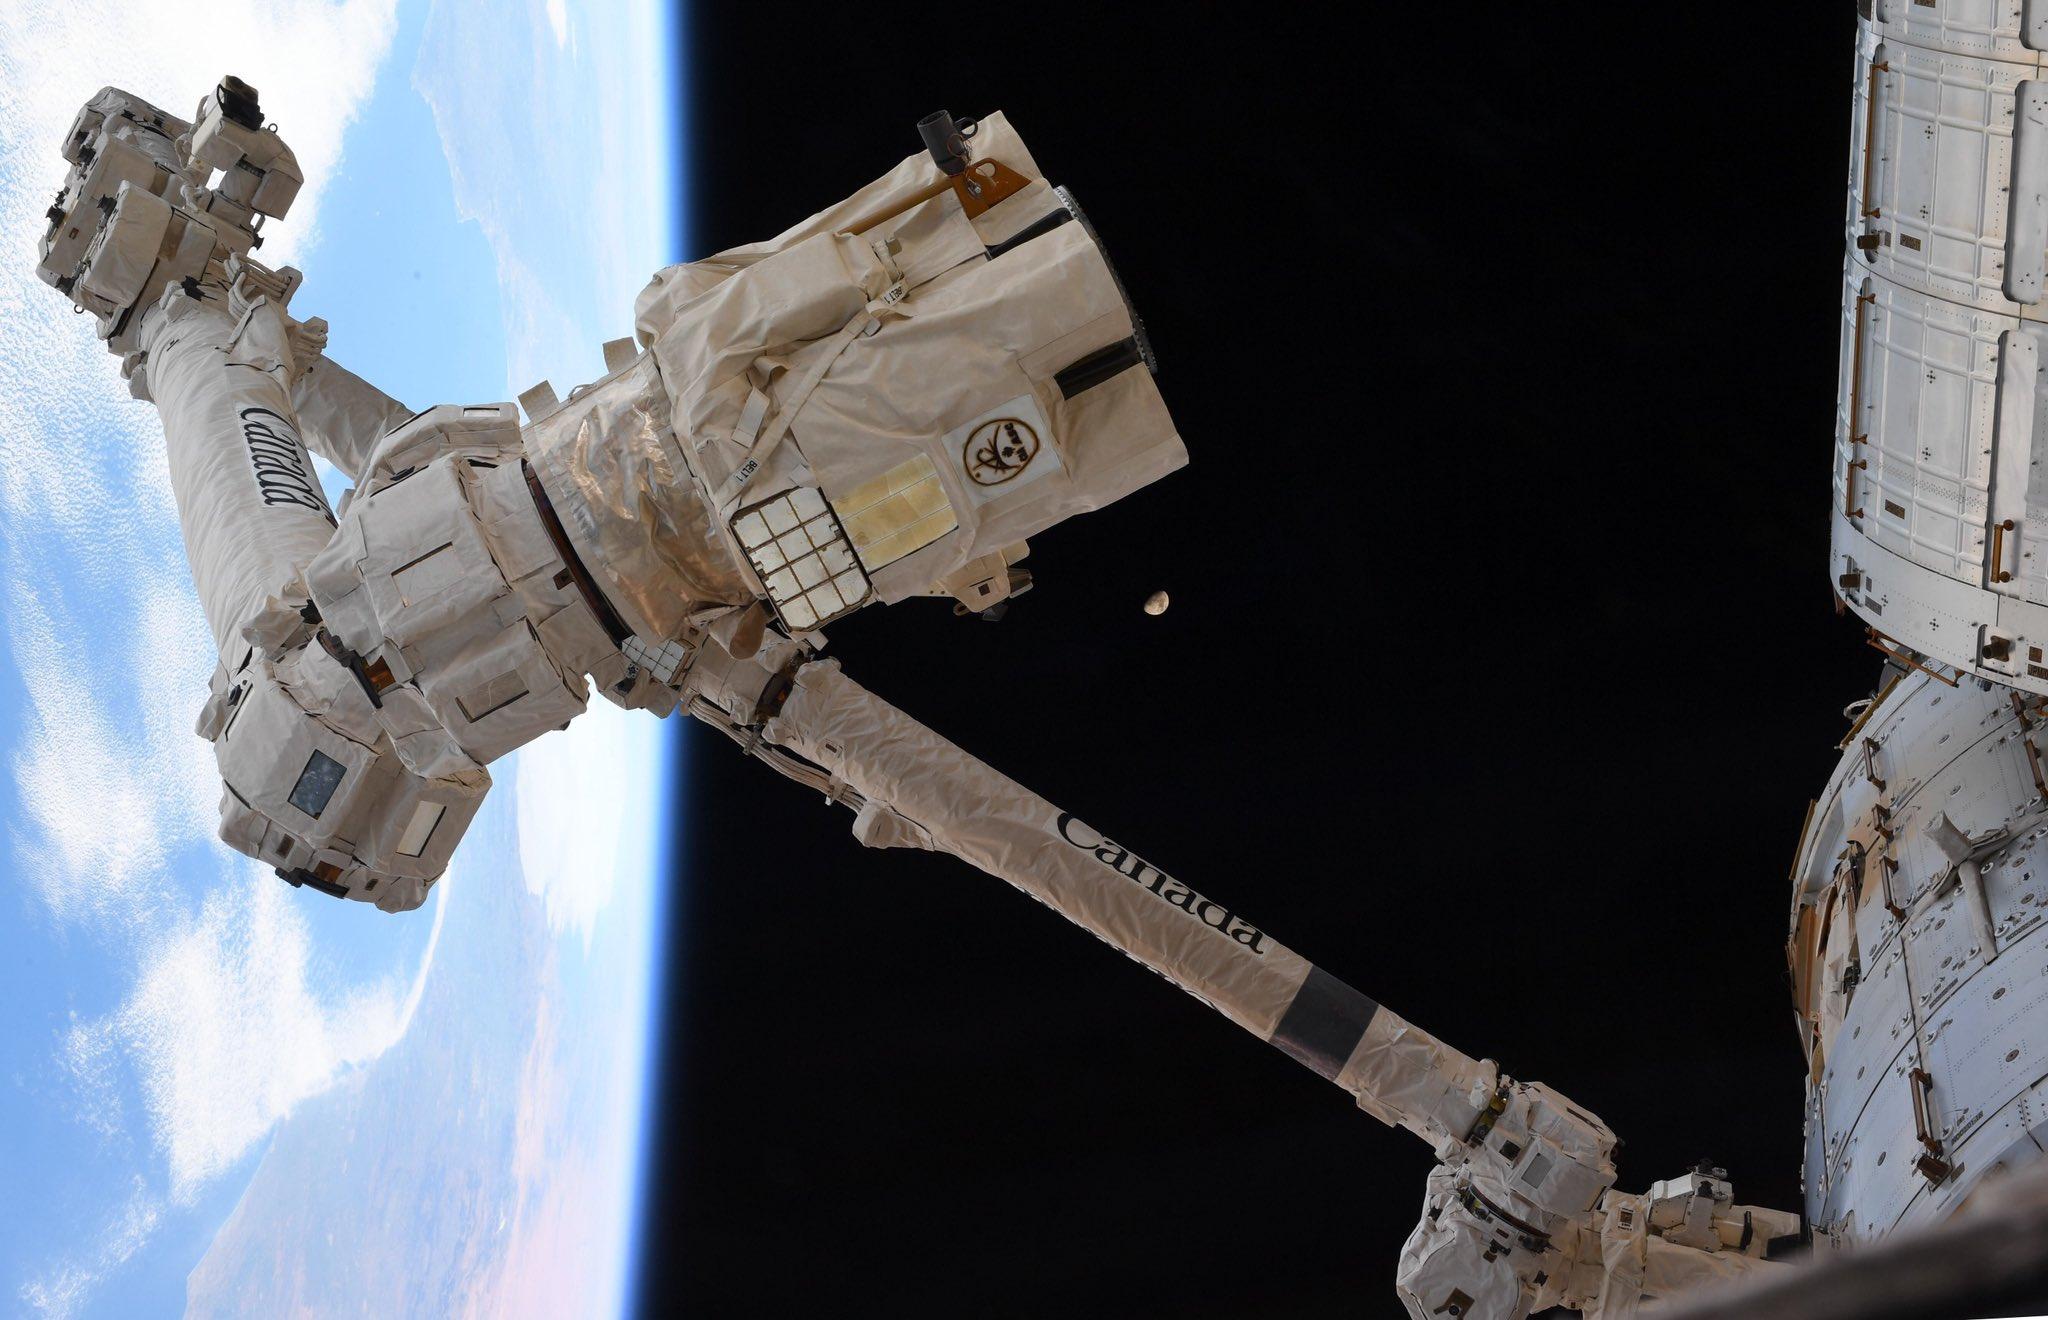 """Le dernier quart de lune se profile derrière le bras robotique Canadarm2 de la Station spatiale internationale sur cette photo de l'astronaute de la NASA Jessica Meir.  Elle et son coéquipier de l'Expédition 62, Andrew Morgan, ont utilisé le Canadarm2 pour attraper un vaisseau cargo Cygnus qui arrivait mardi (18 février). """"Le puissant @csa_asc # Canadarm2 prêt à attaquer, alors que @AstroDrewMorgan et moi avons pratiqué nos manœuvres pour capturer le #Cygnus qui se dirige vers nous, chargé de près de 7500 livres de science, de fret et de fournitures @Space_Station,"""" Meir a tweeté samedi 15 février. """"Même la Lune a fait son apparition, attendant avec impatience #ARTEMIS,"""" a-t-elle ajouté, faisant référence au programme Artemis de la NASA, qui vise à faire atterrir des astronautes sur la lune en 2024."""